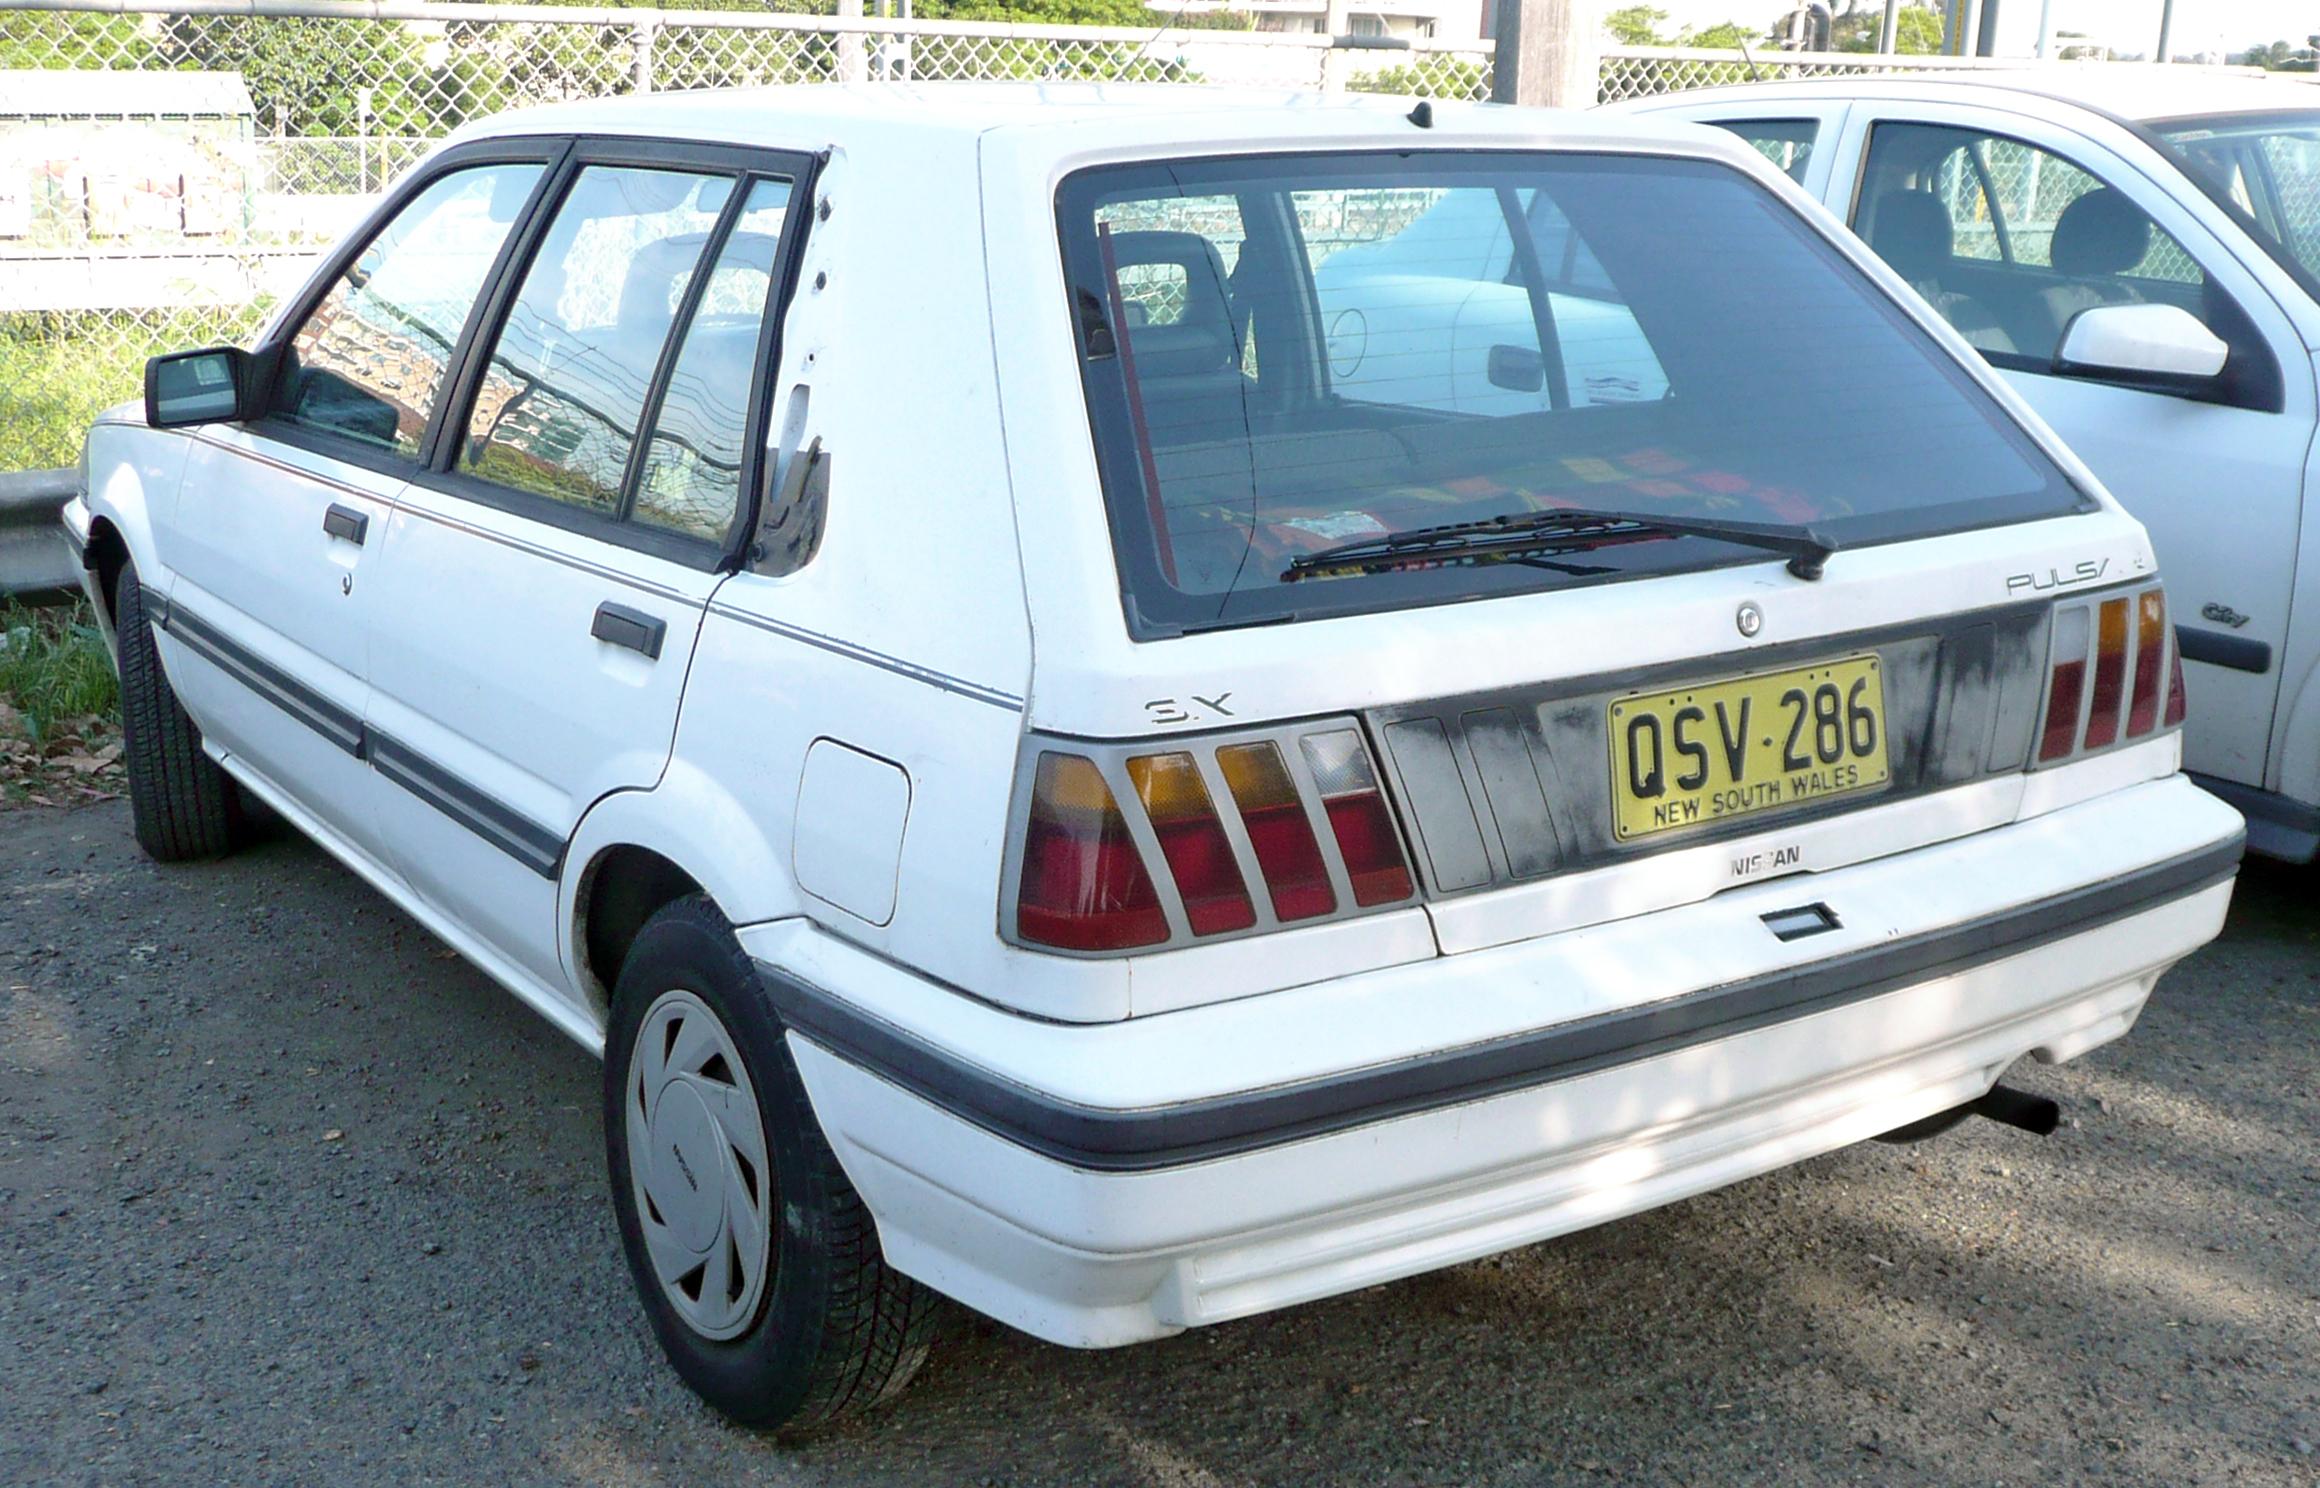 Nissan Pulsar III (N13) 1986 - 1990 Sedan #2